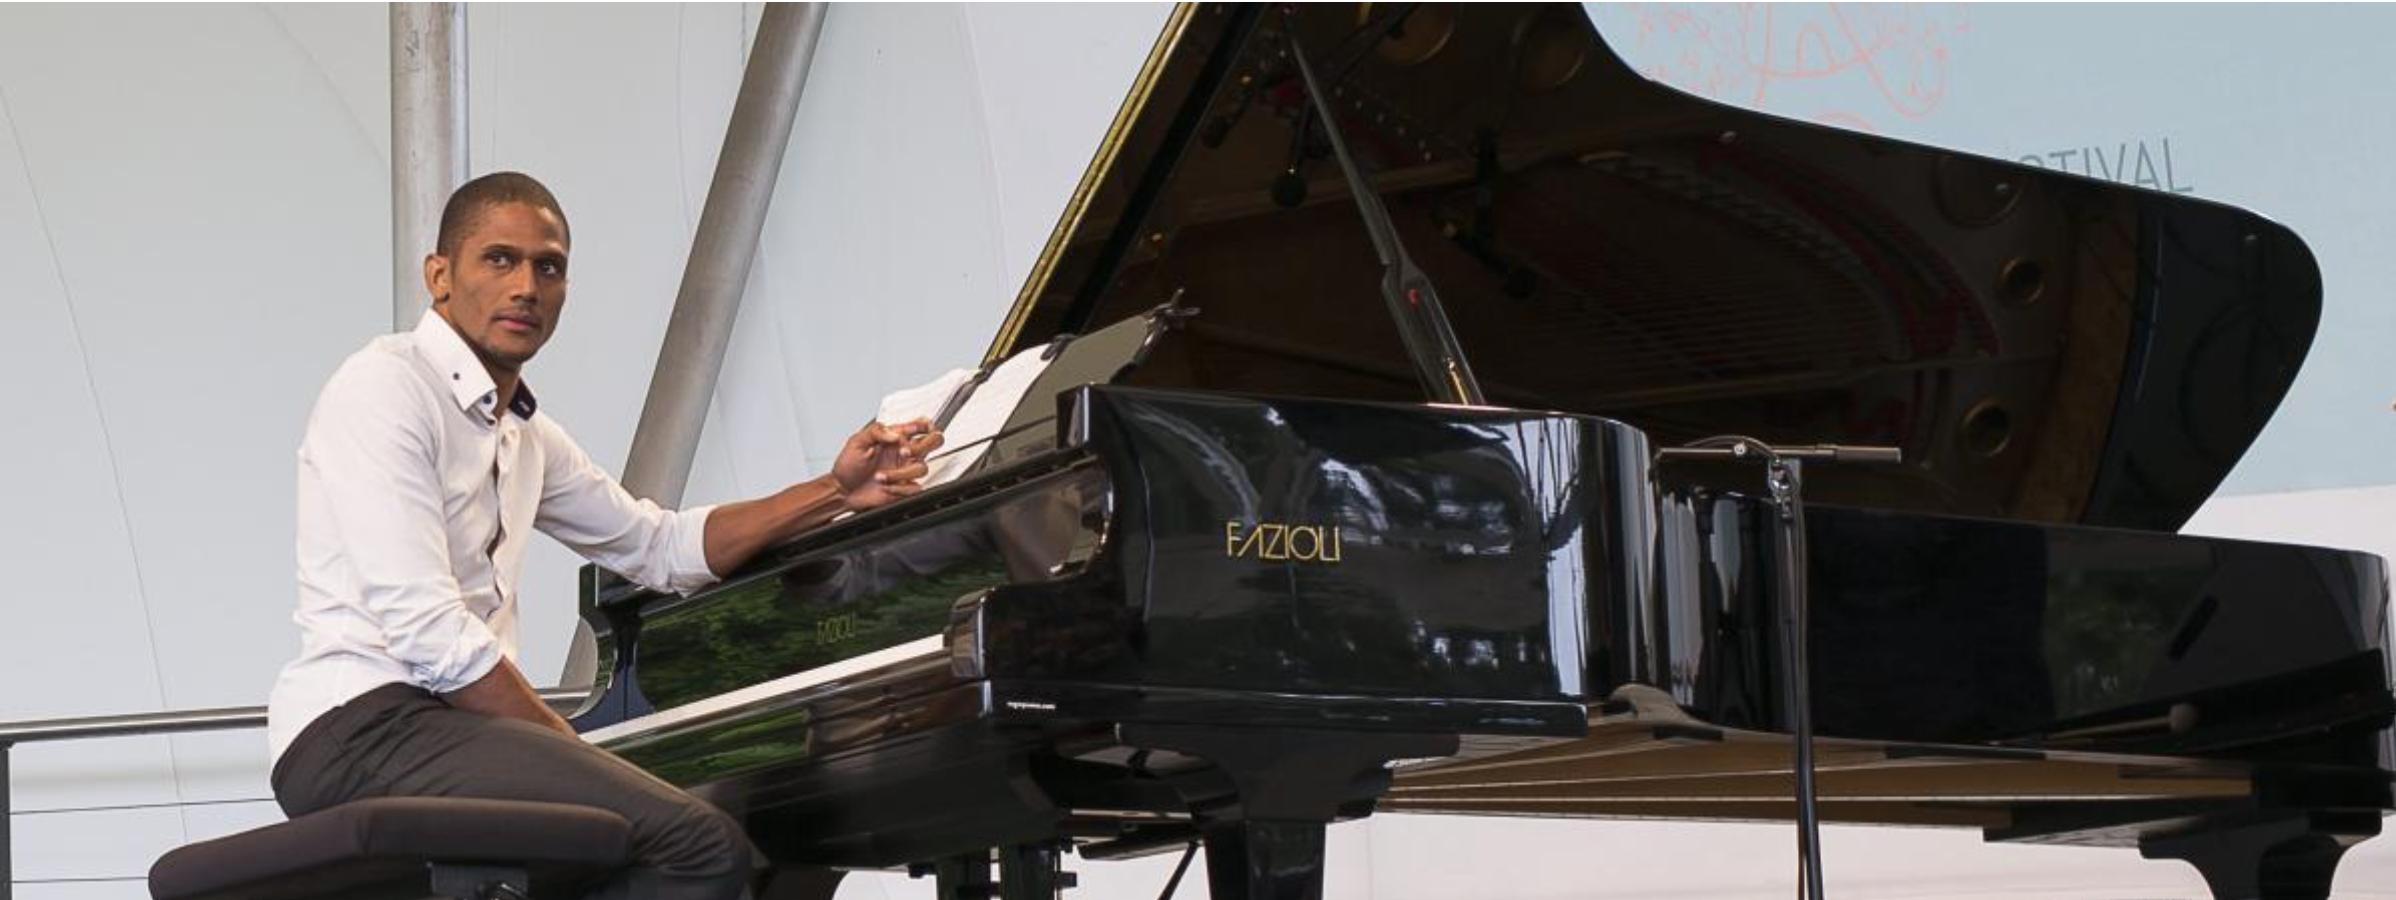 gregory_privat_pianiste_jazz_festival_2020_sur_fazioli.png